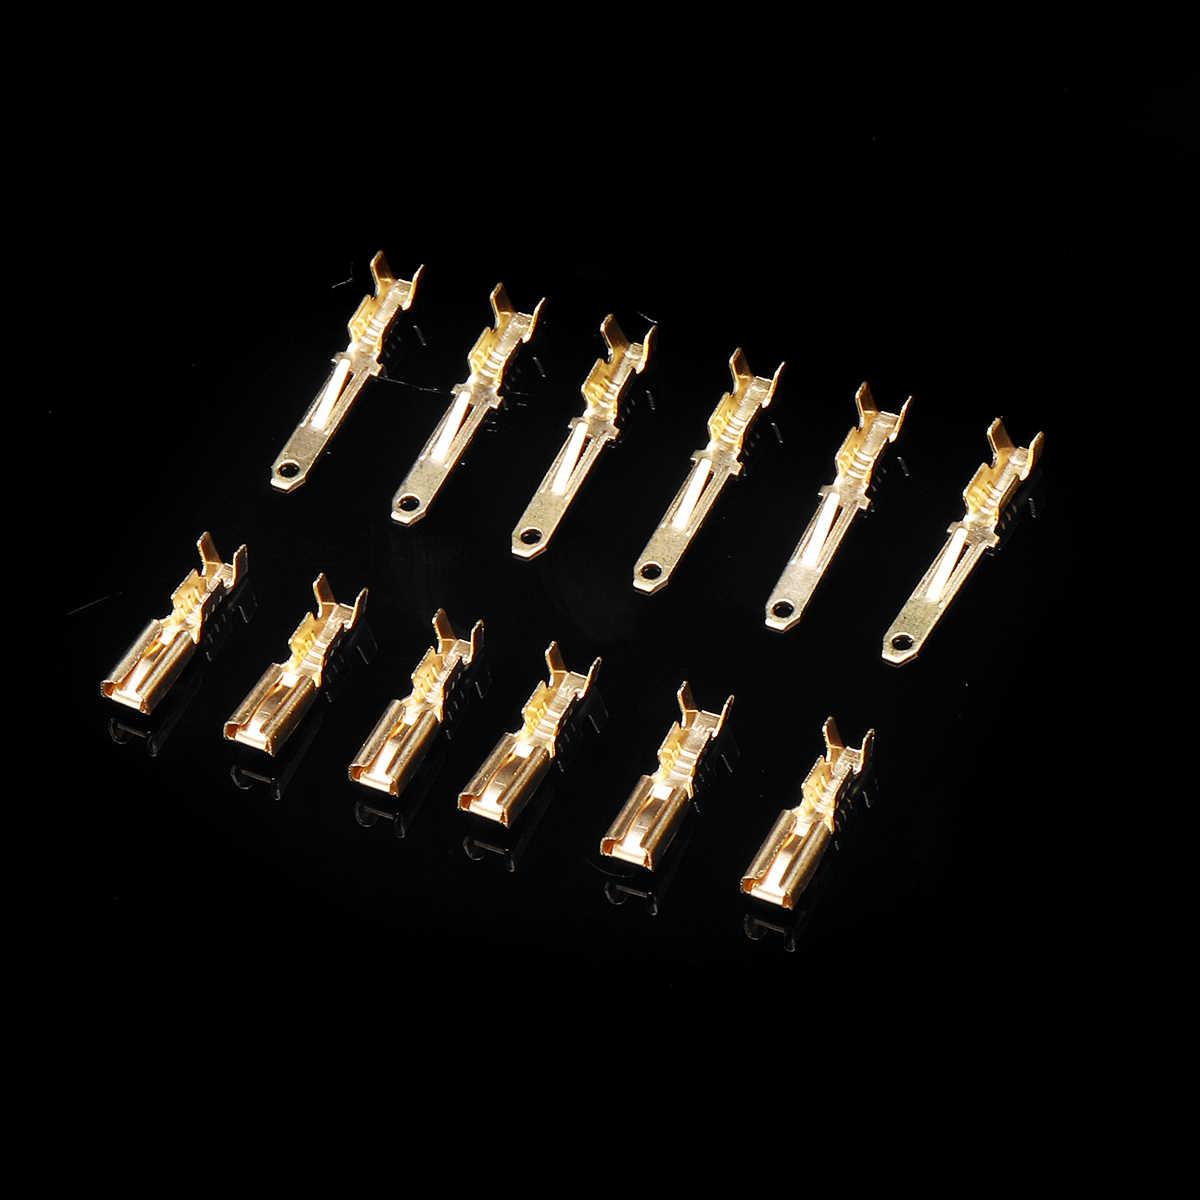 40 комплект Авто Электрические терминальные 2,8 мм на возраст 2, 3, 4, 6, 9 Pin кабель провод 380 шт. авто разъем для автомобиля, мотоцикла, Применение терминалы комплект